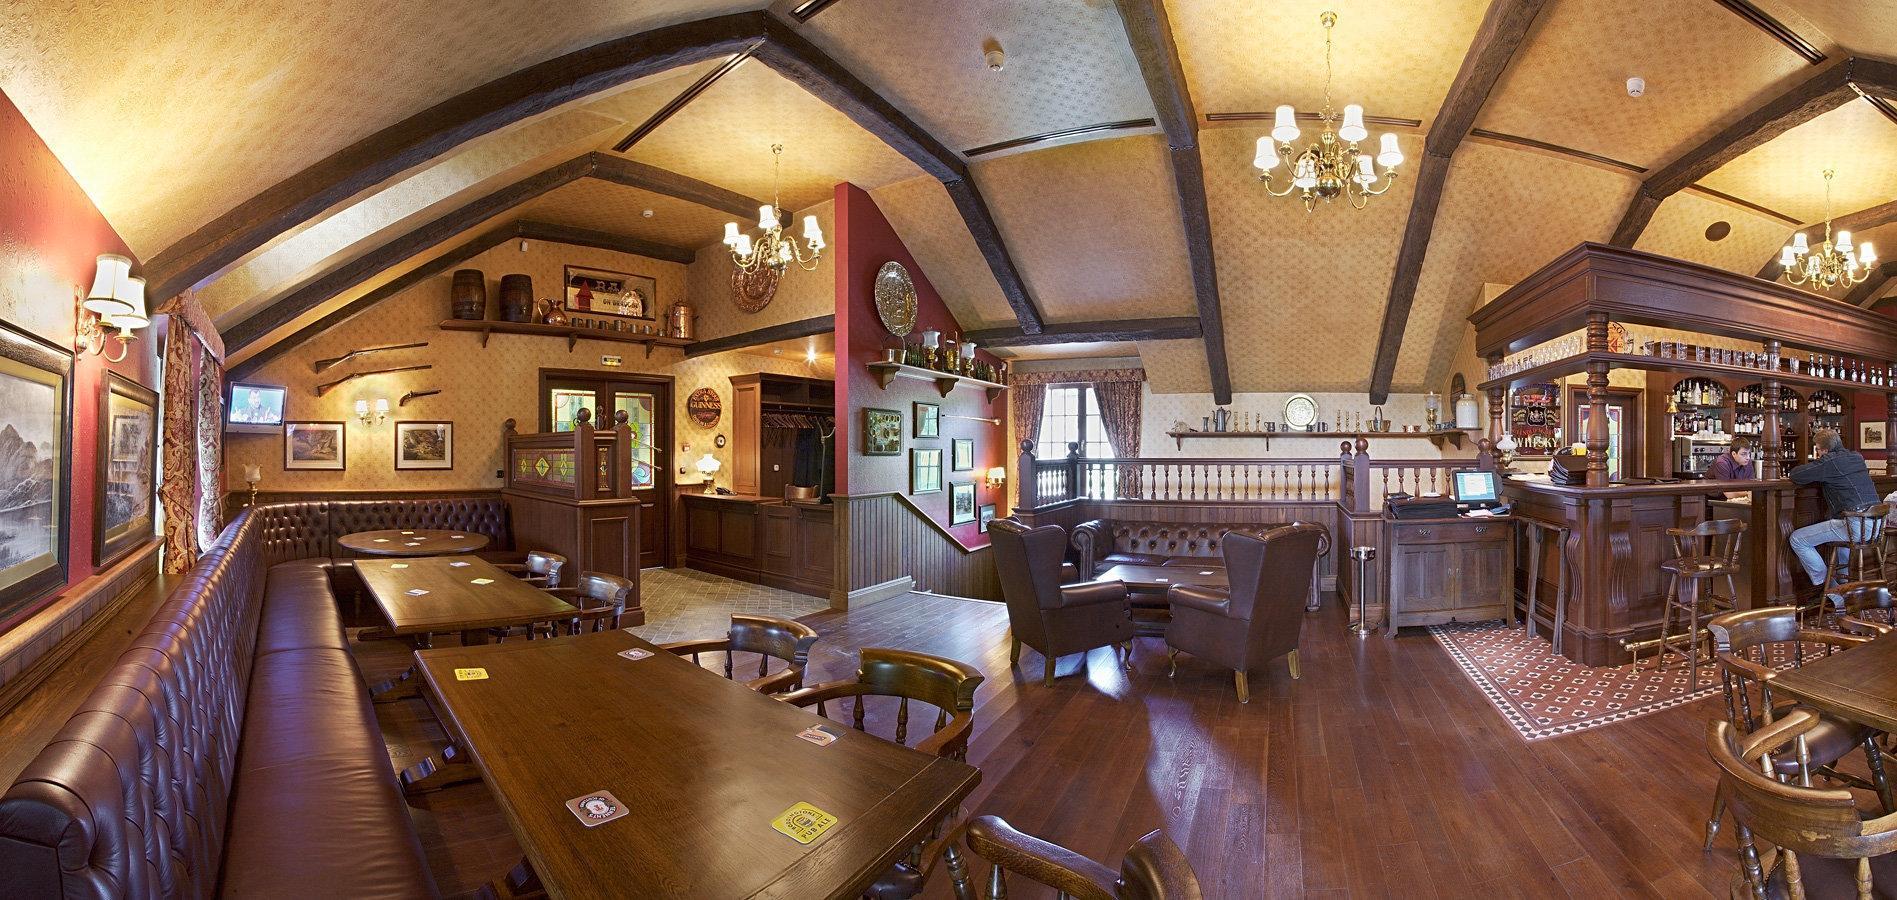 фотография Ресторана Chester Ferry в поселке Николино